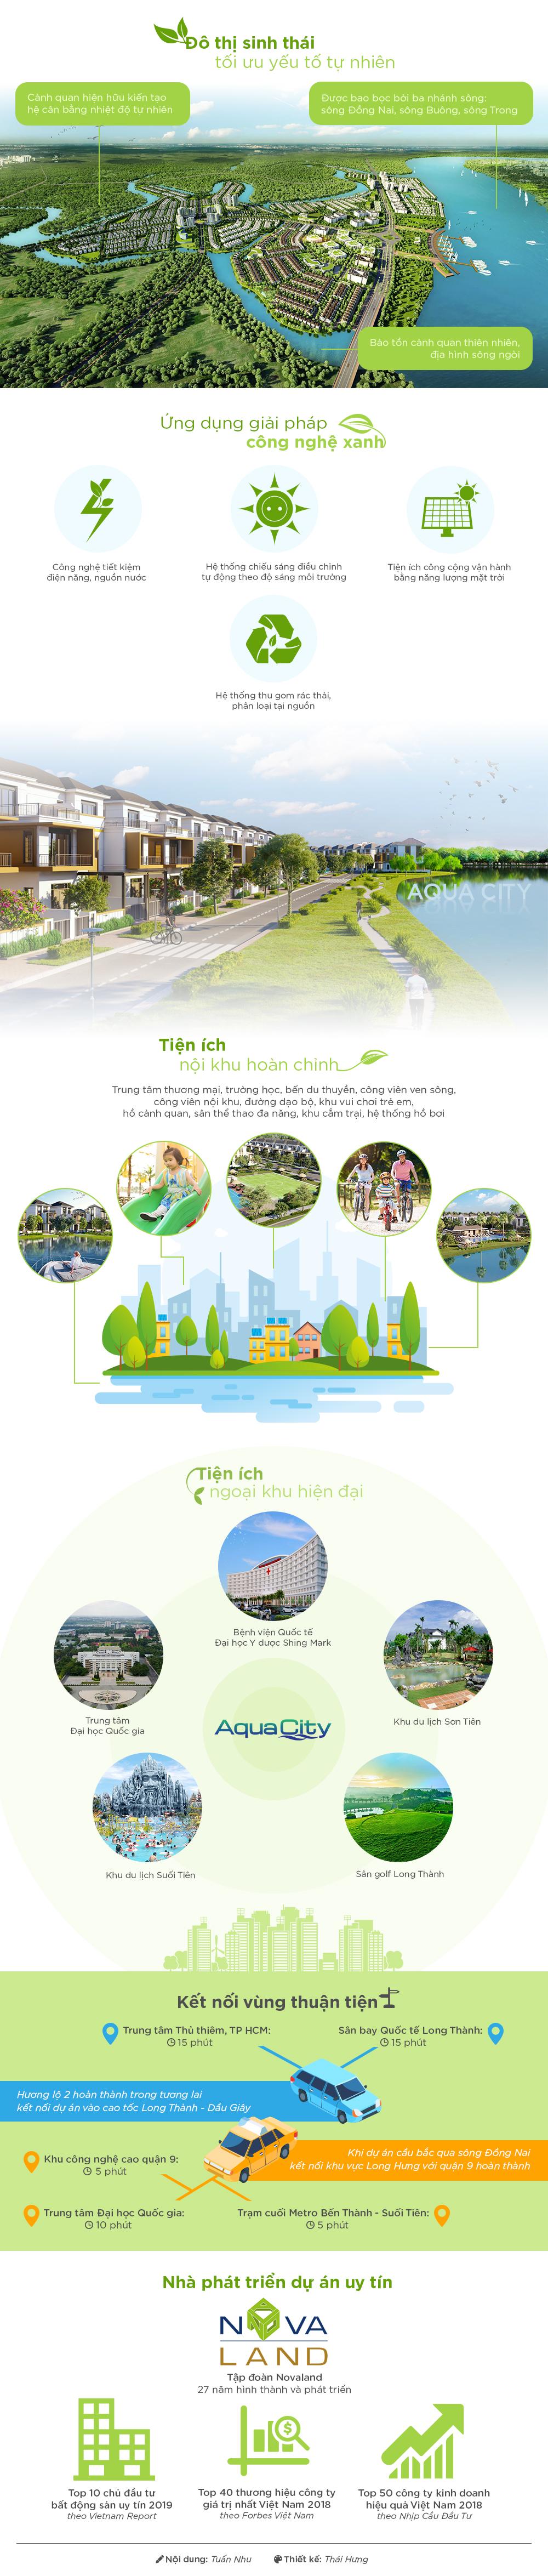 Aqua City - dự án đô thị sinh thái đầu tiên của Novaland